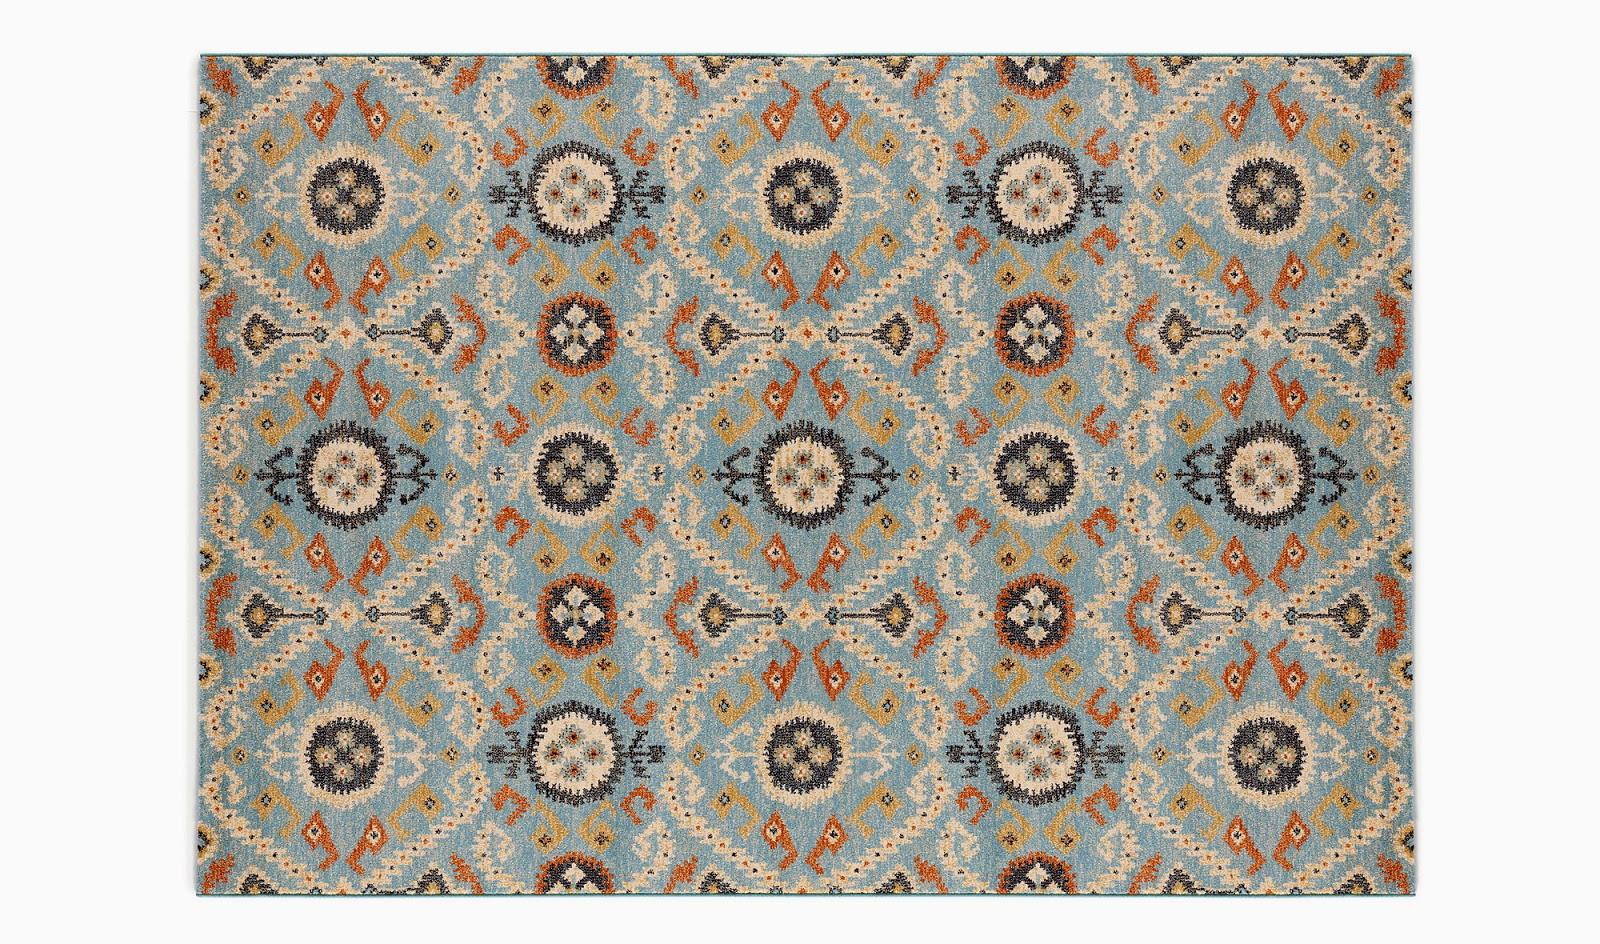 Alfombras para imitar el suelo hidr ulico for El paraiso de las alfombras